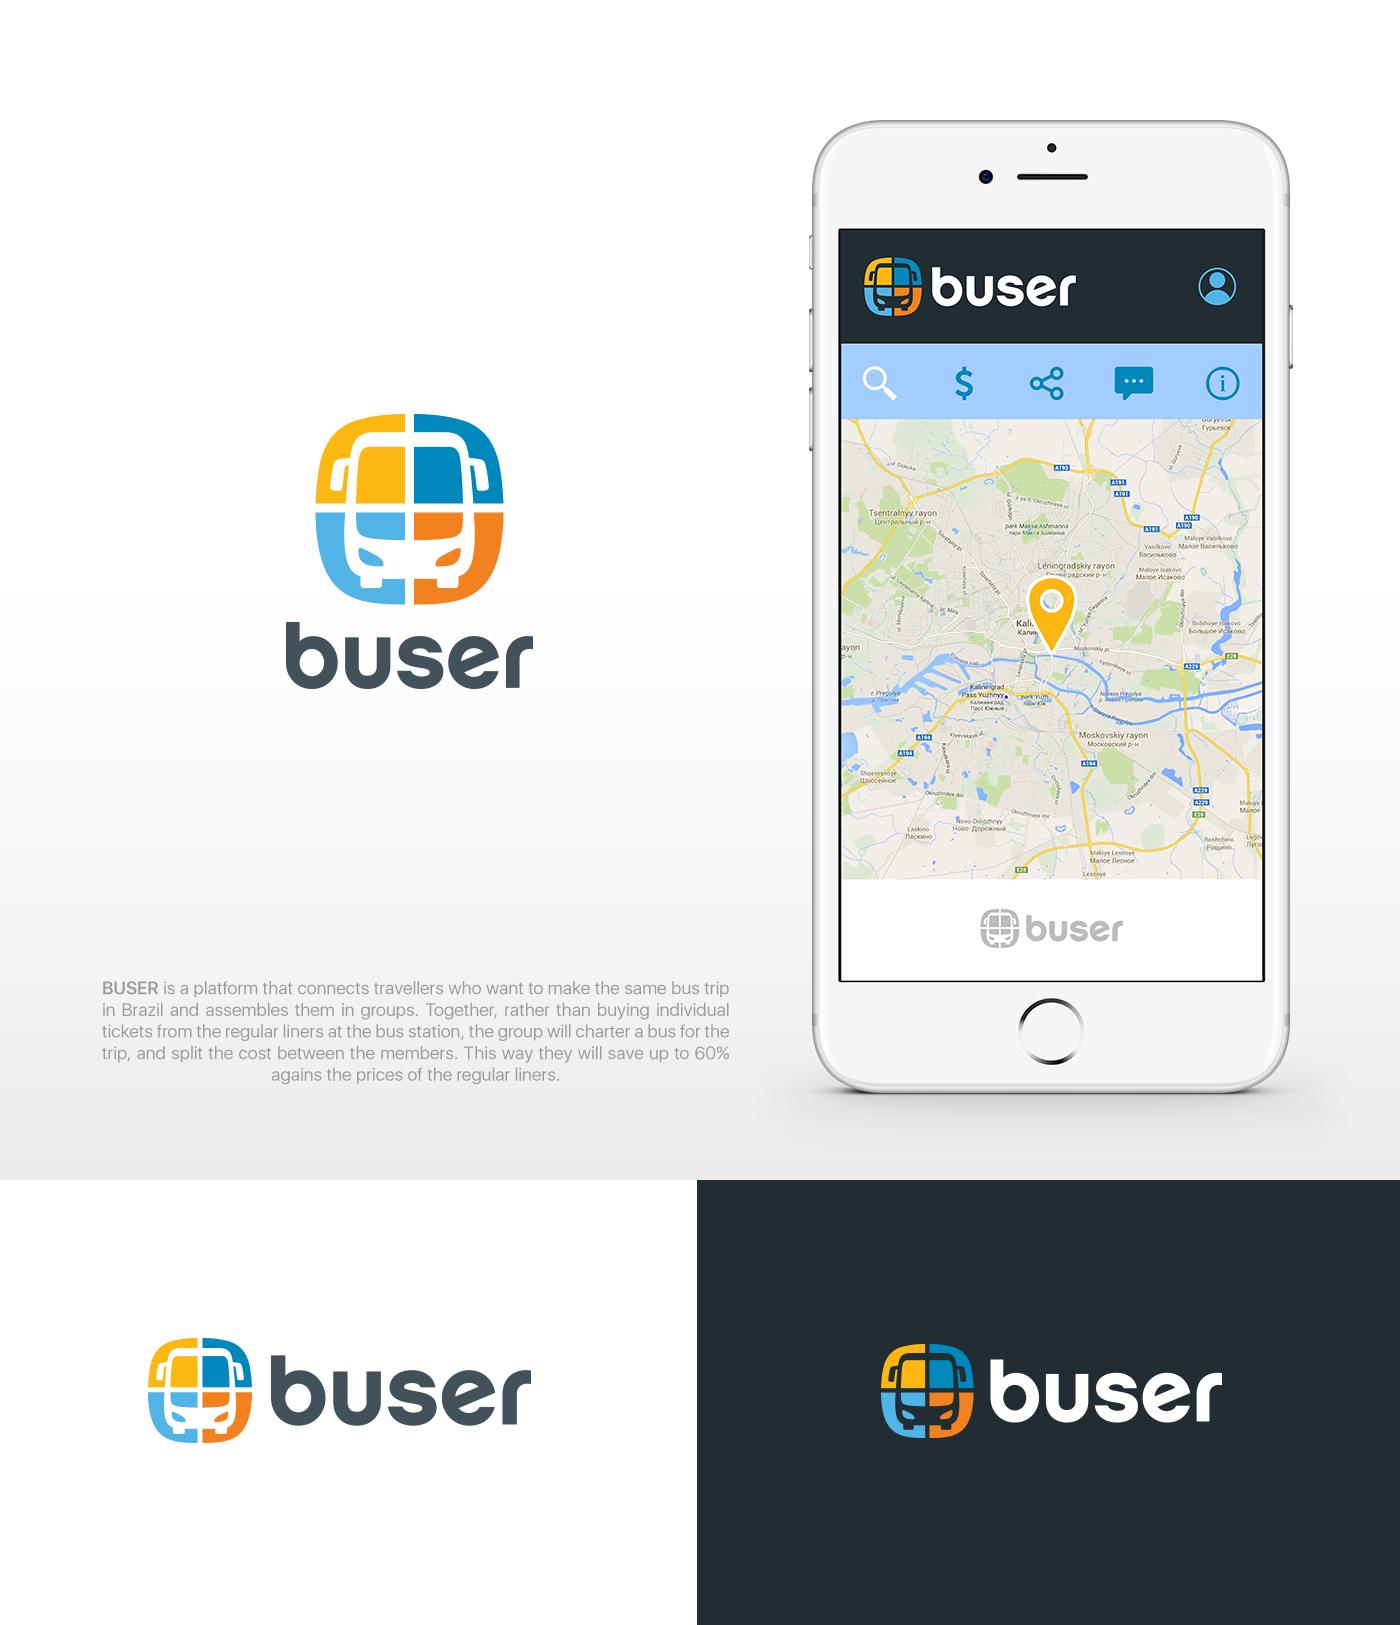 Buser is uber for intercity bus travel in Brazil!